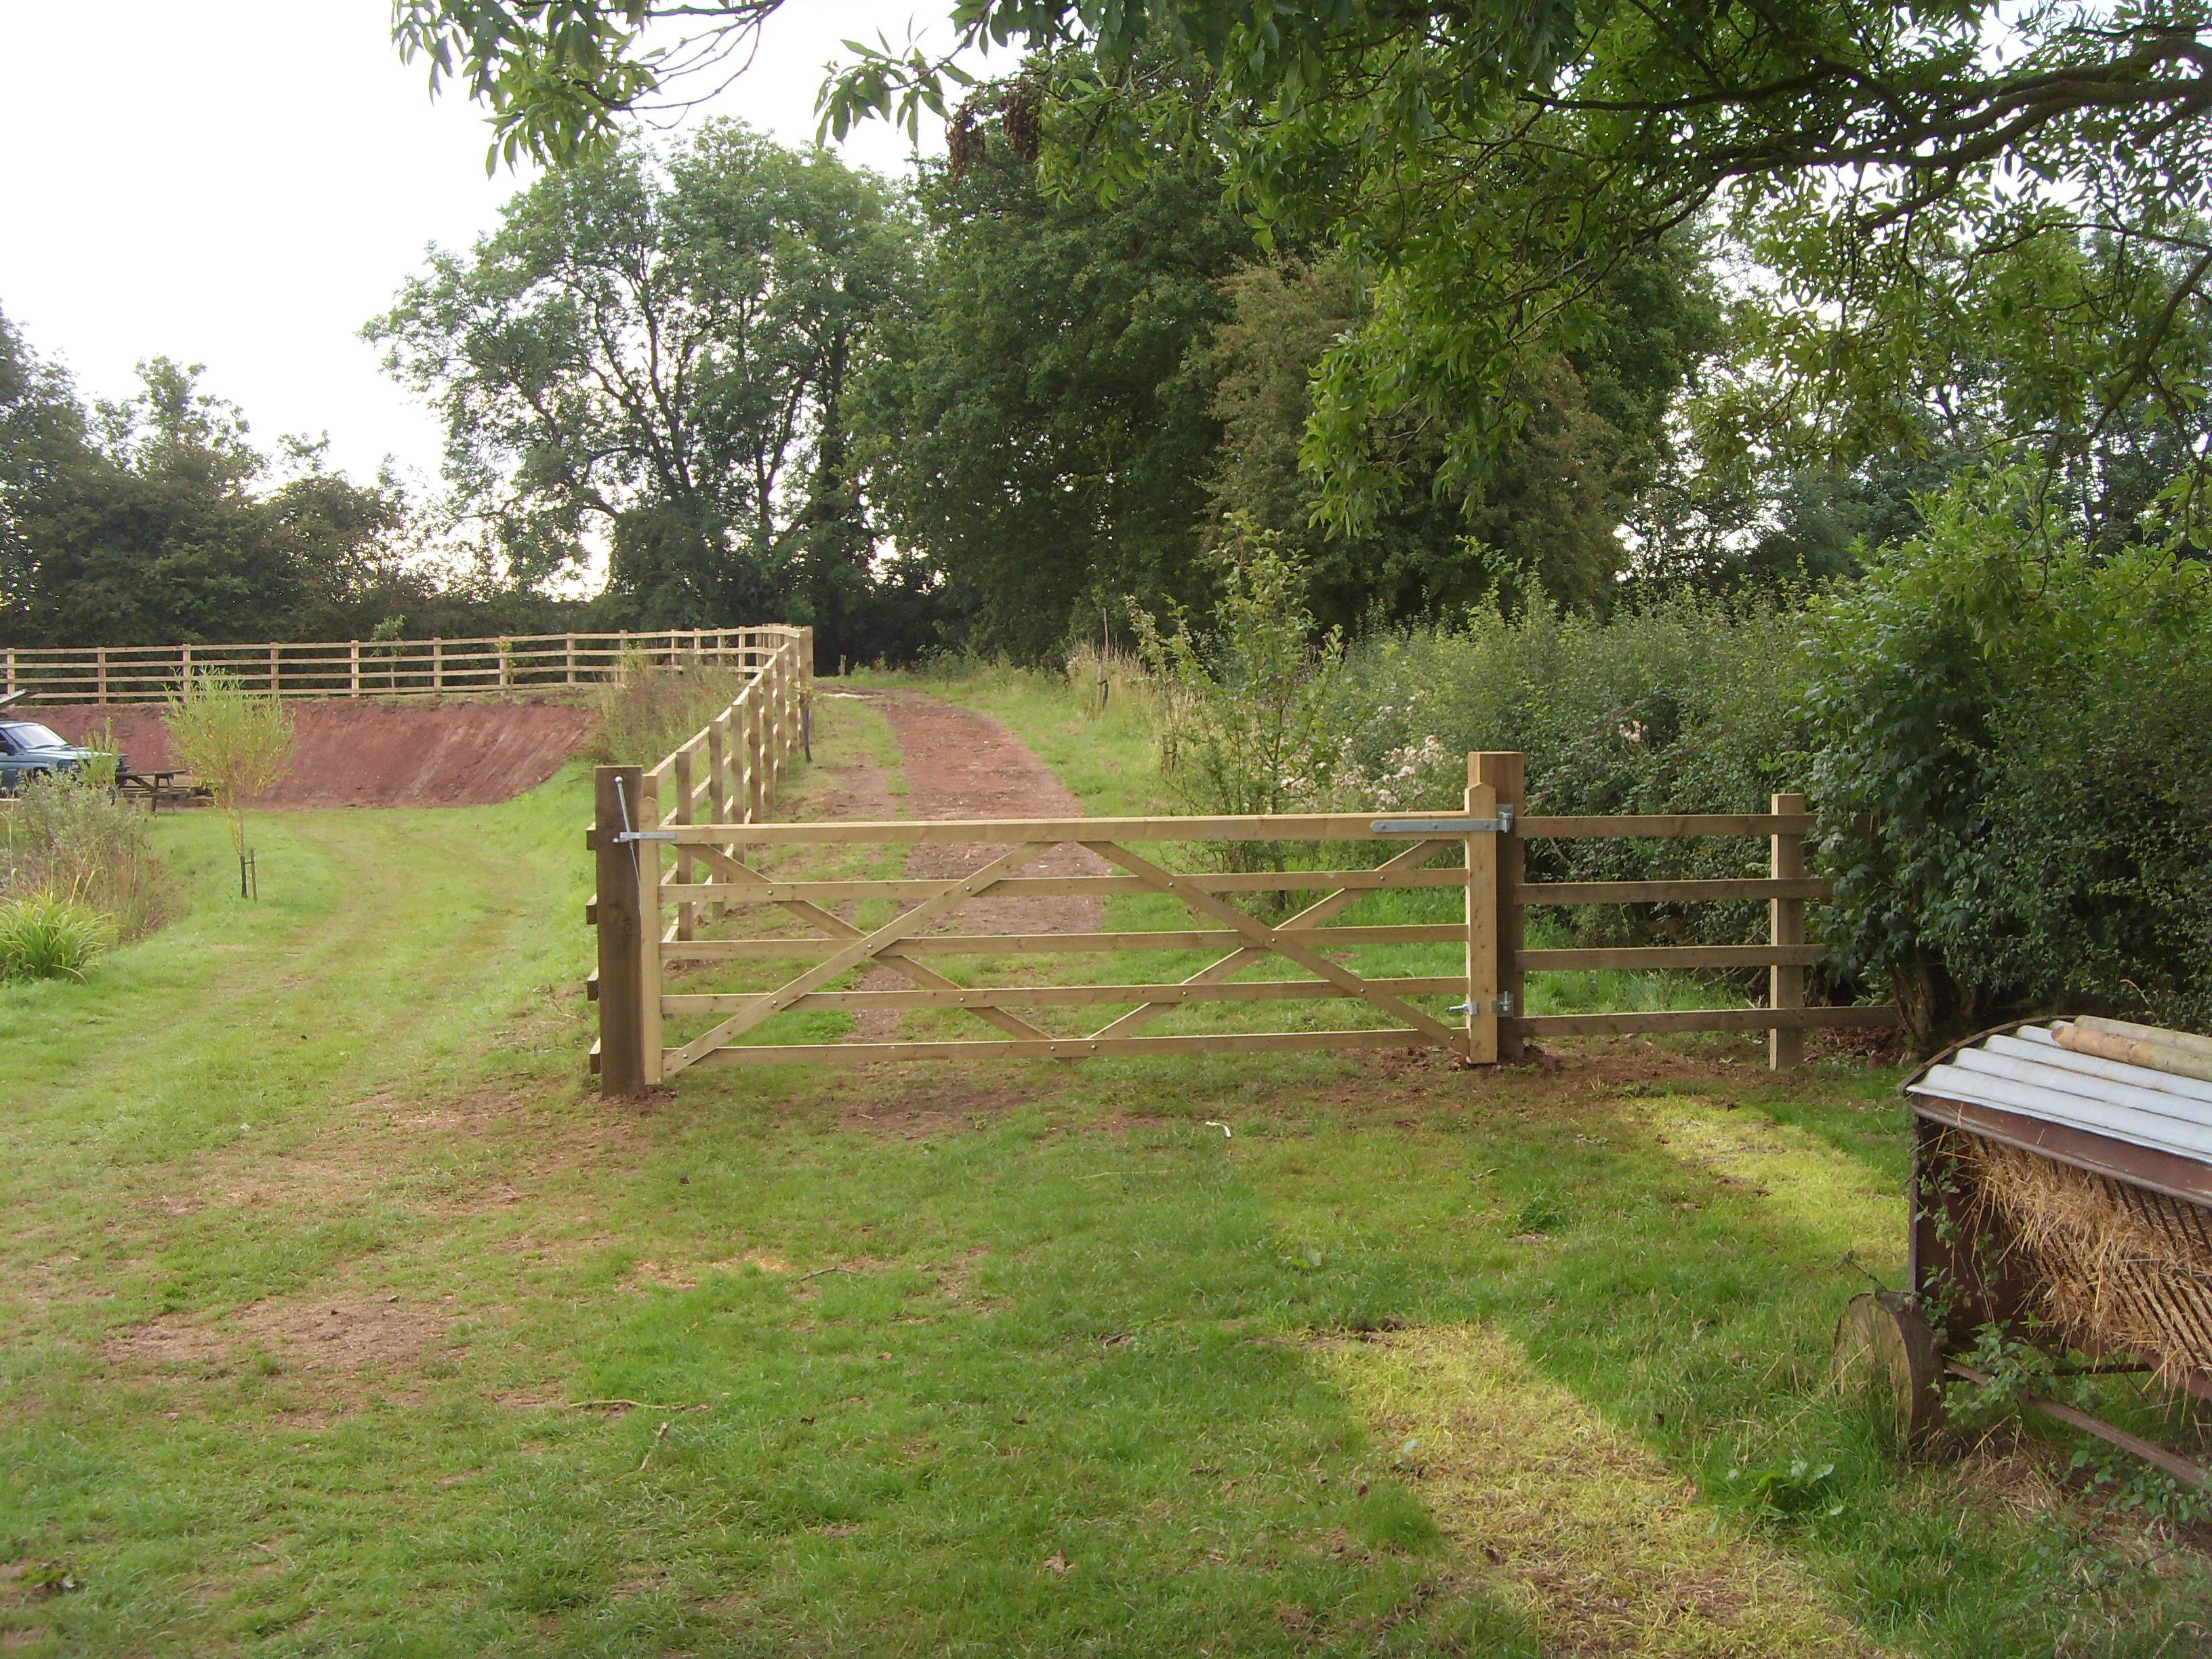 FIELD FENCE GATE